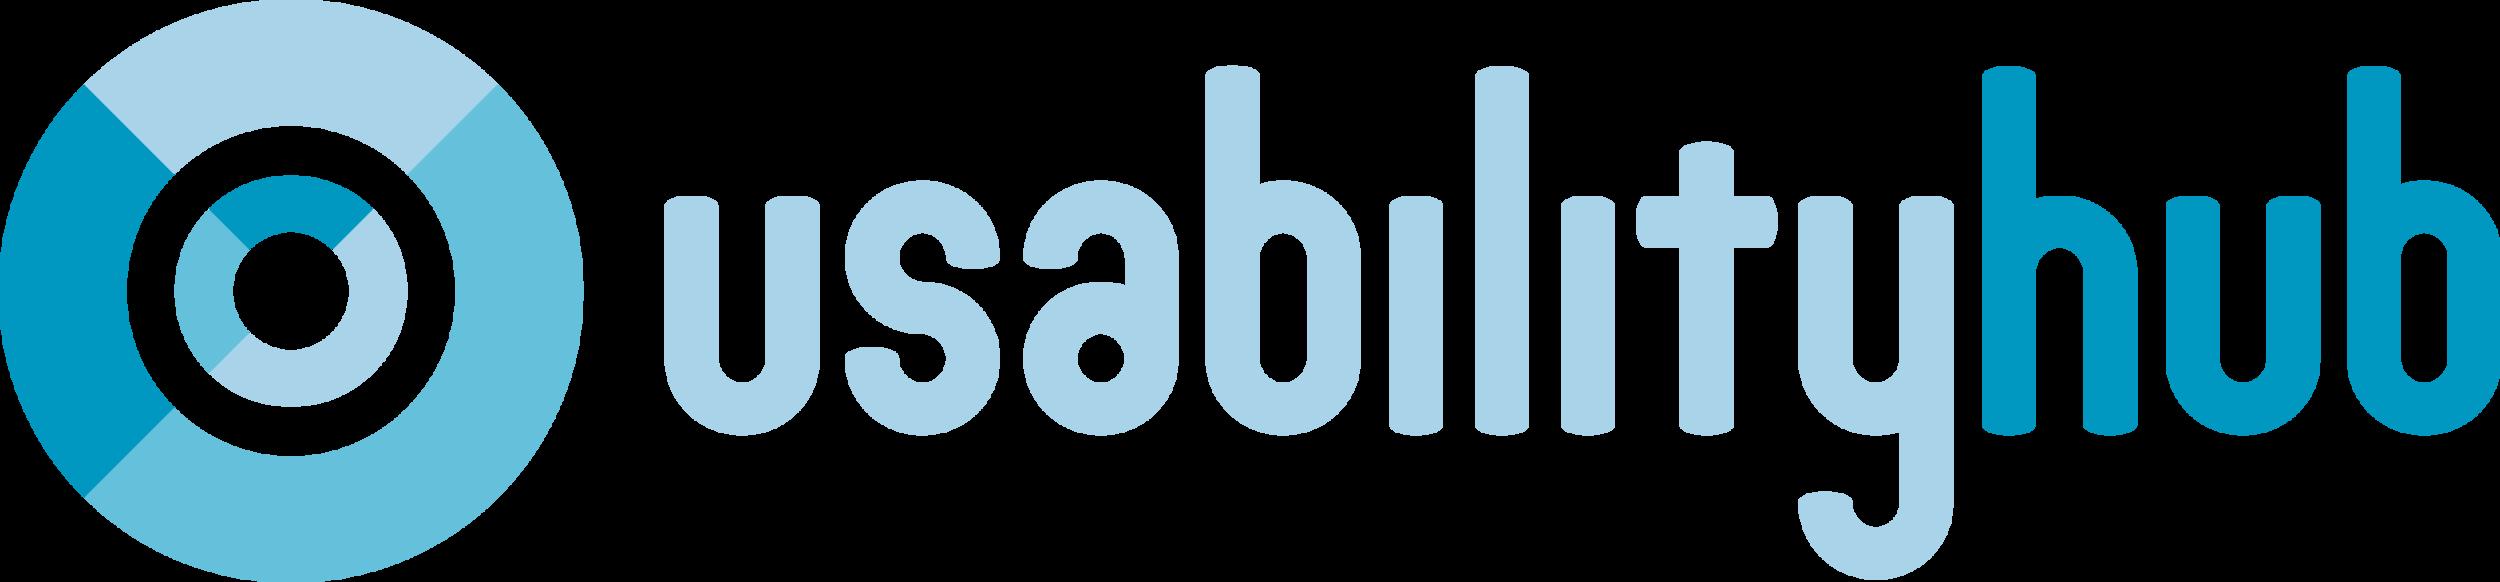 usabilityhub (1).png